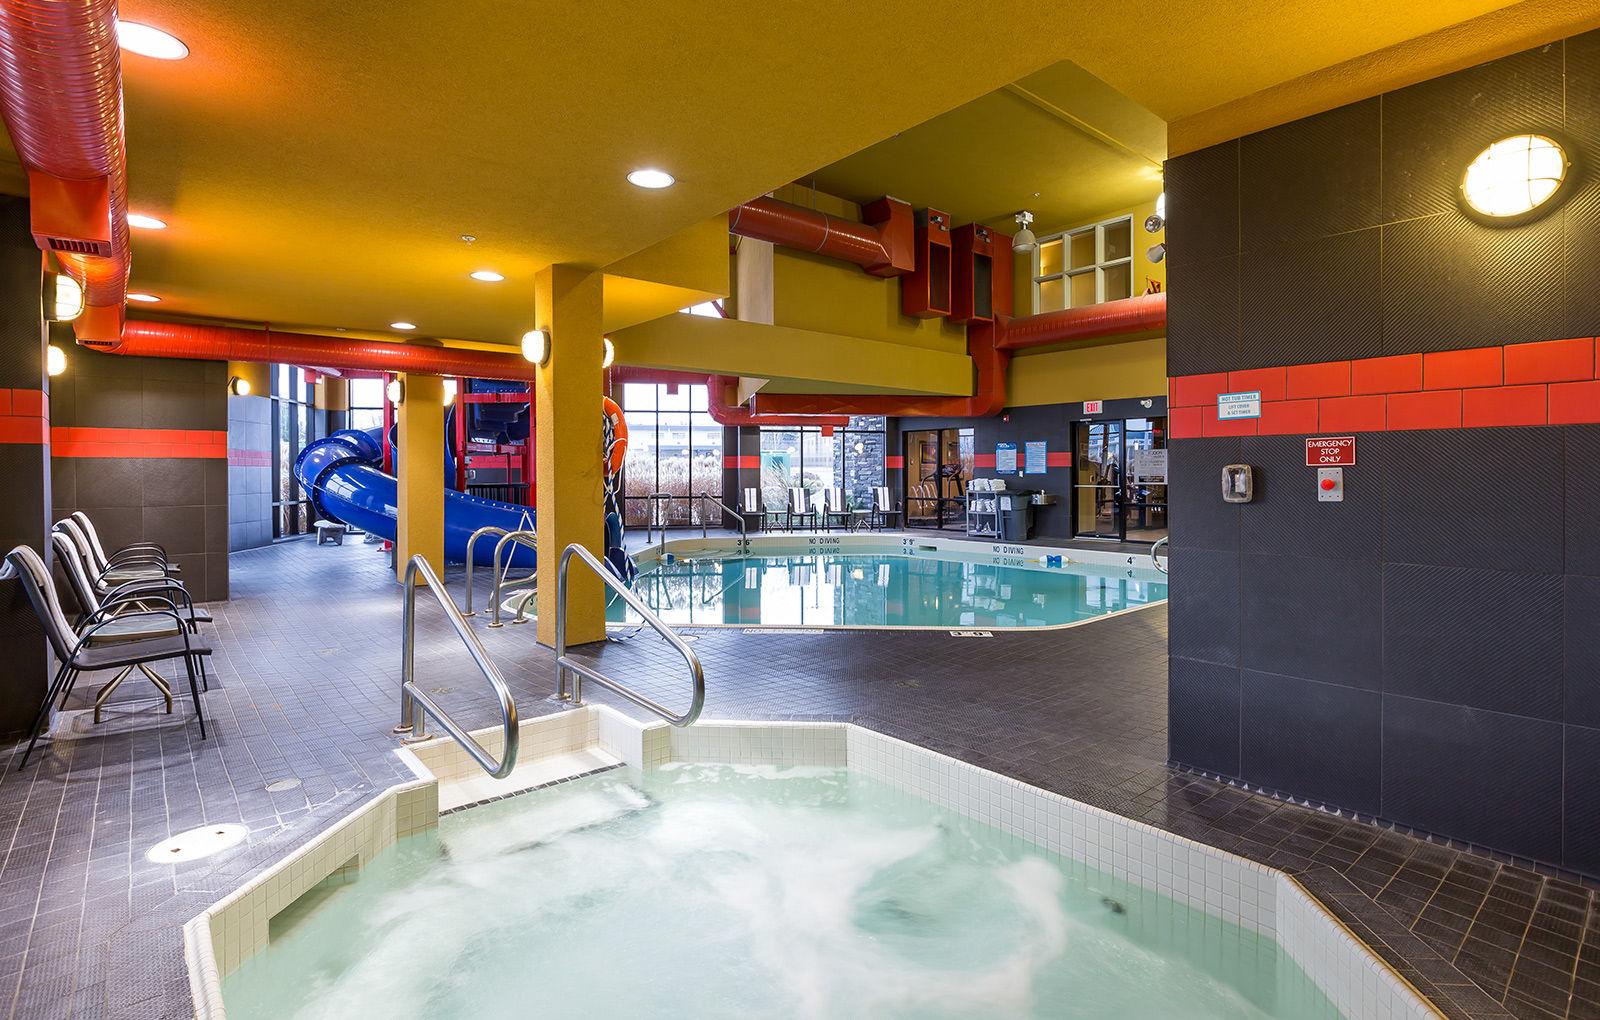 Kelowna Hotel with Waterslide and Indoor Pool: Comfort Suites Kelowna